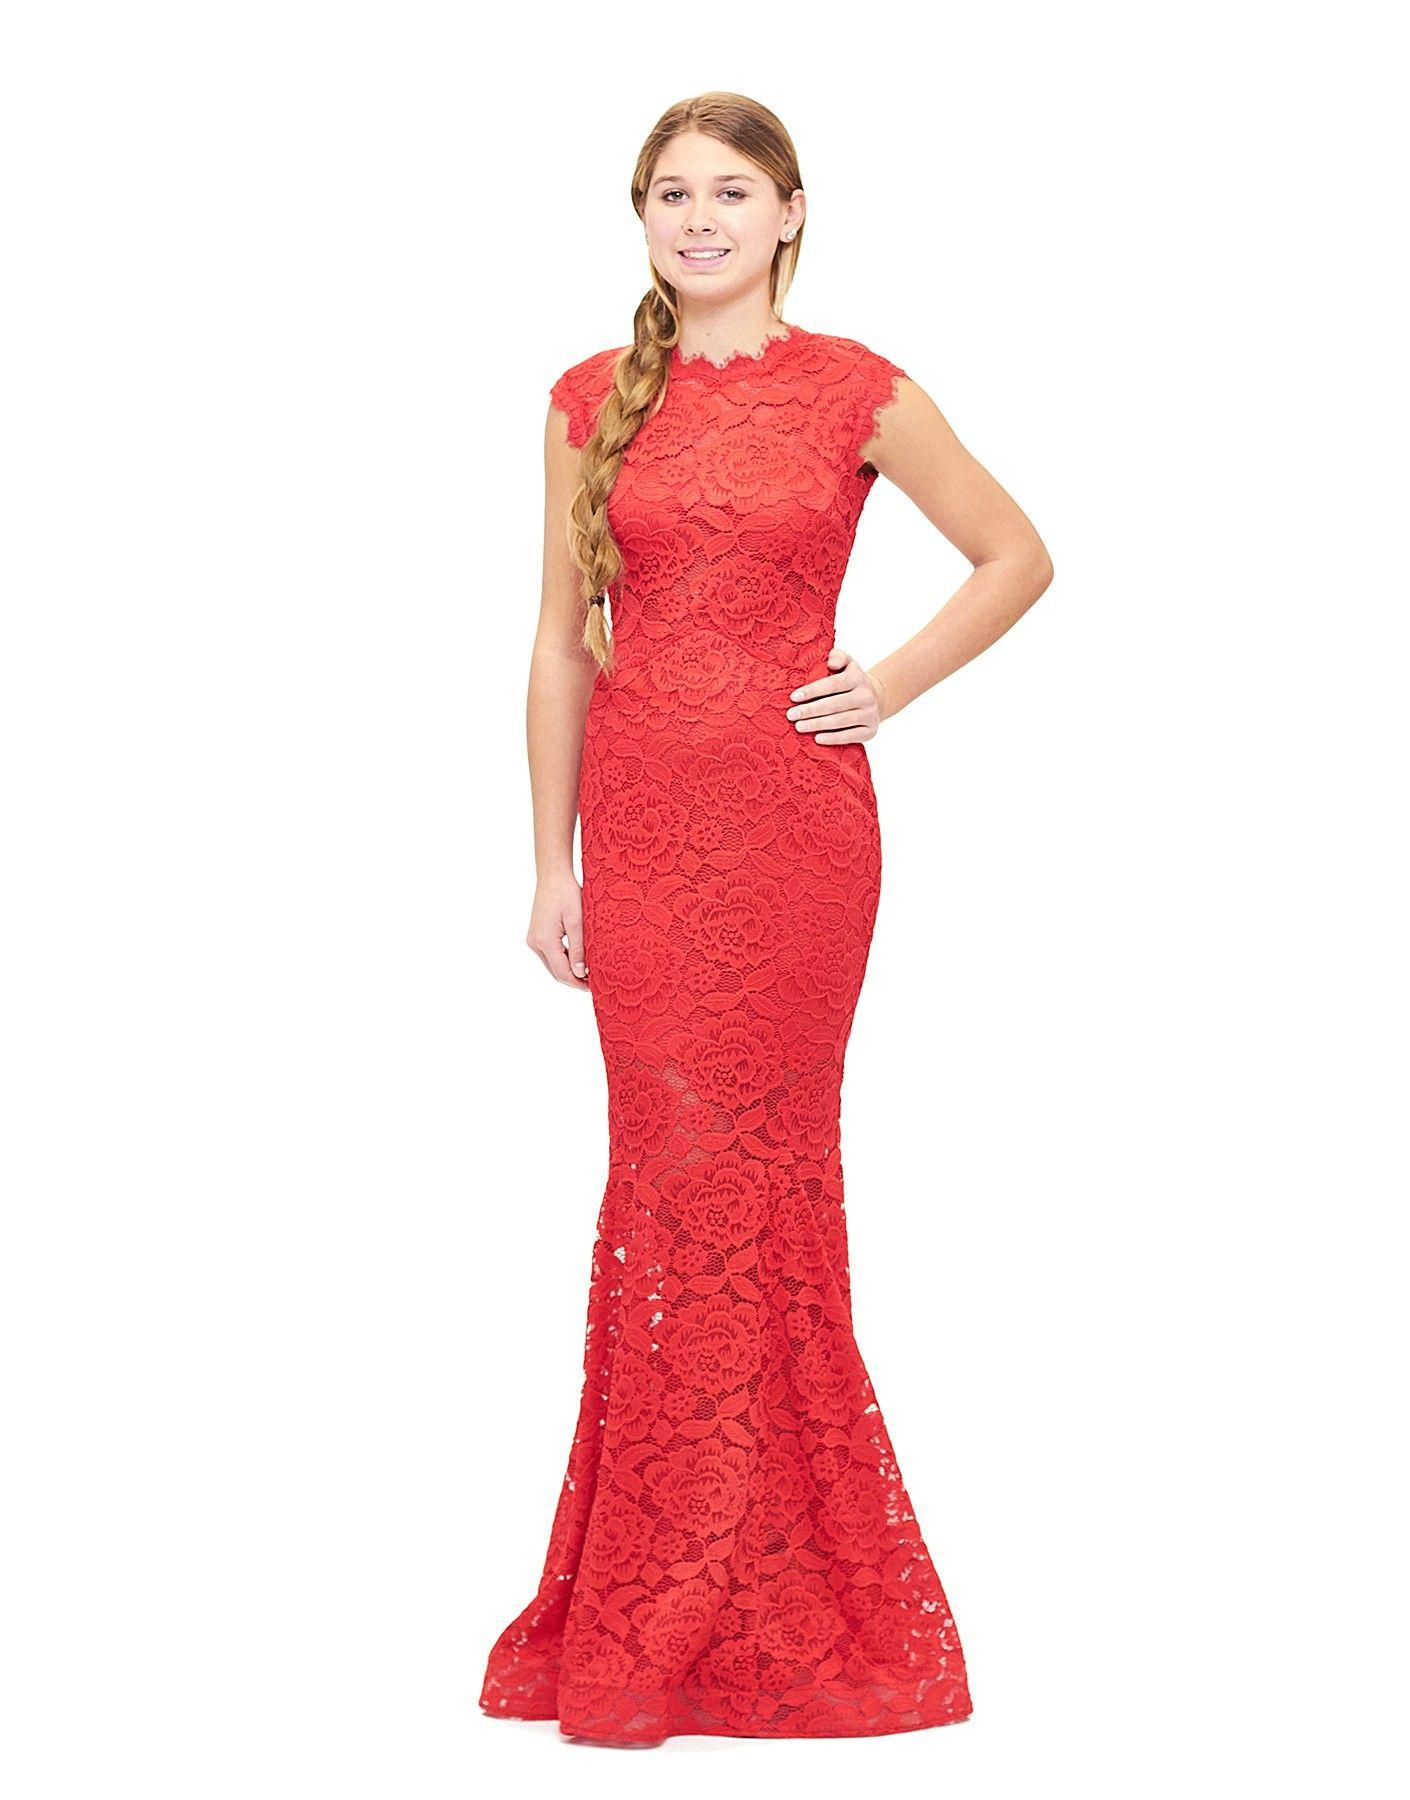 Ziemlich Prom Kleid Läden In Charlotte Nc Fotos - Brautkleider Ideen ...